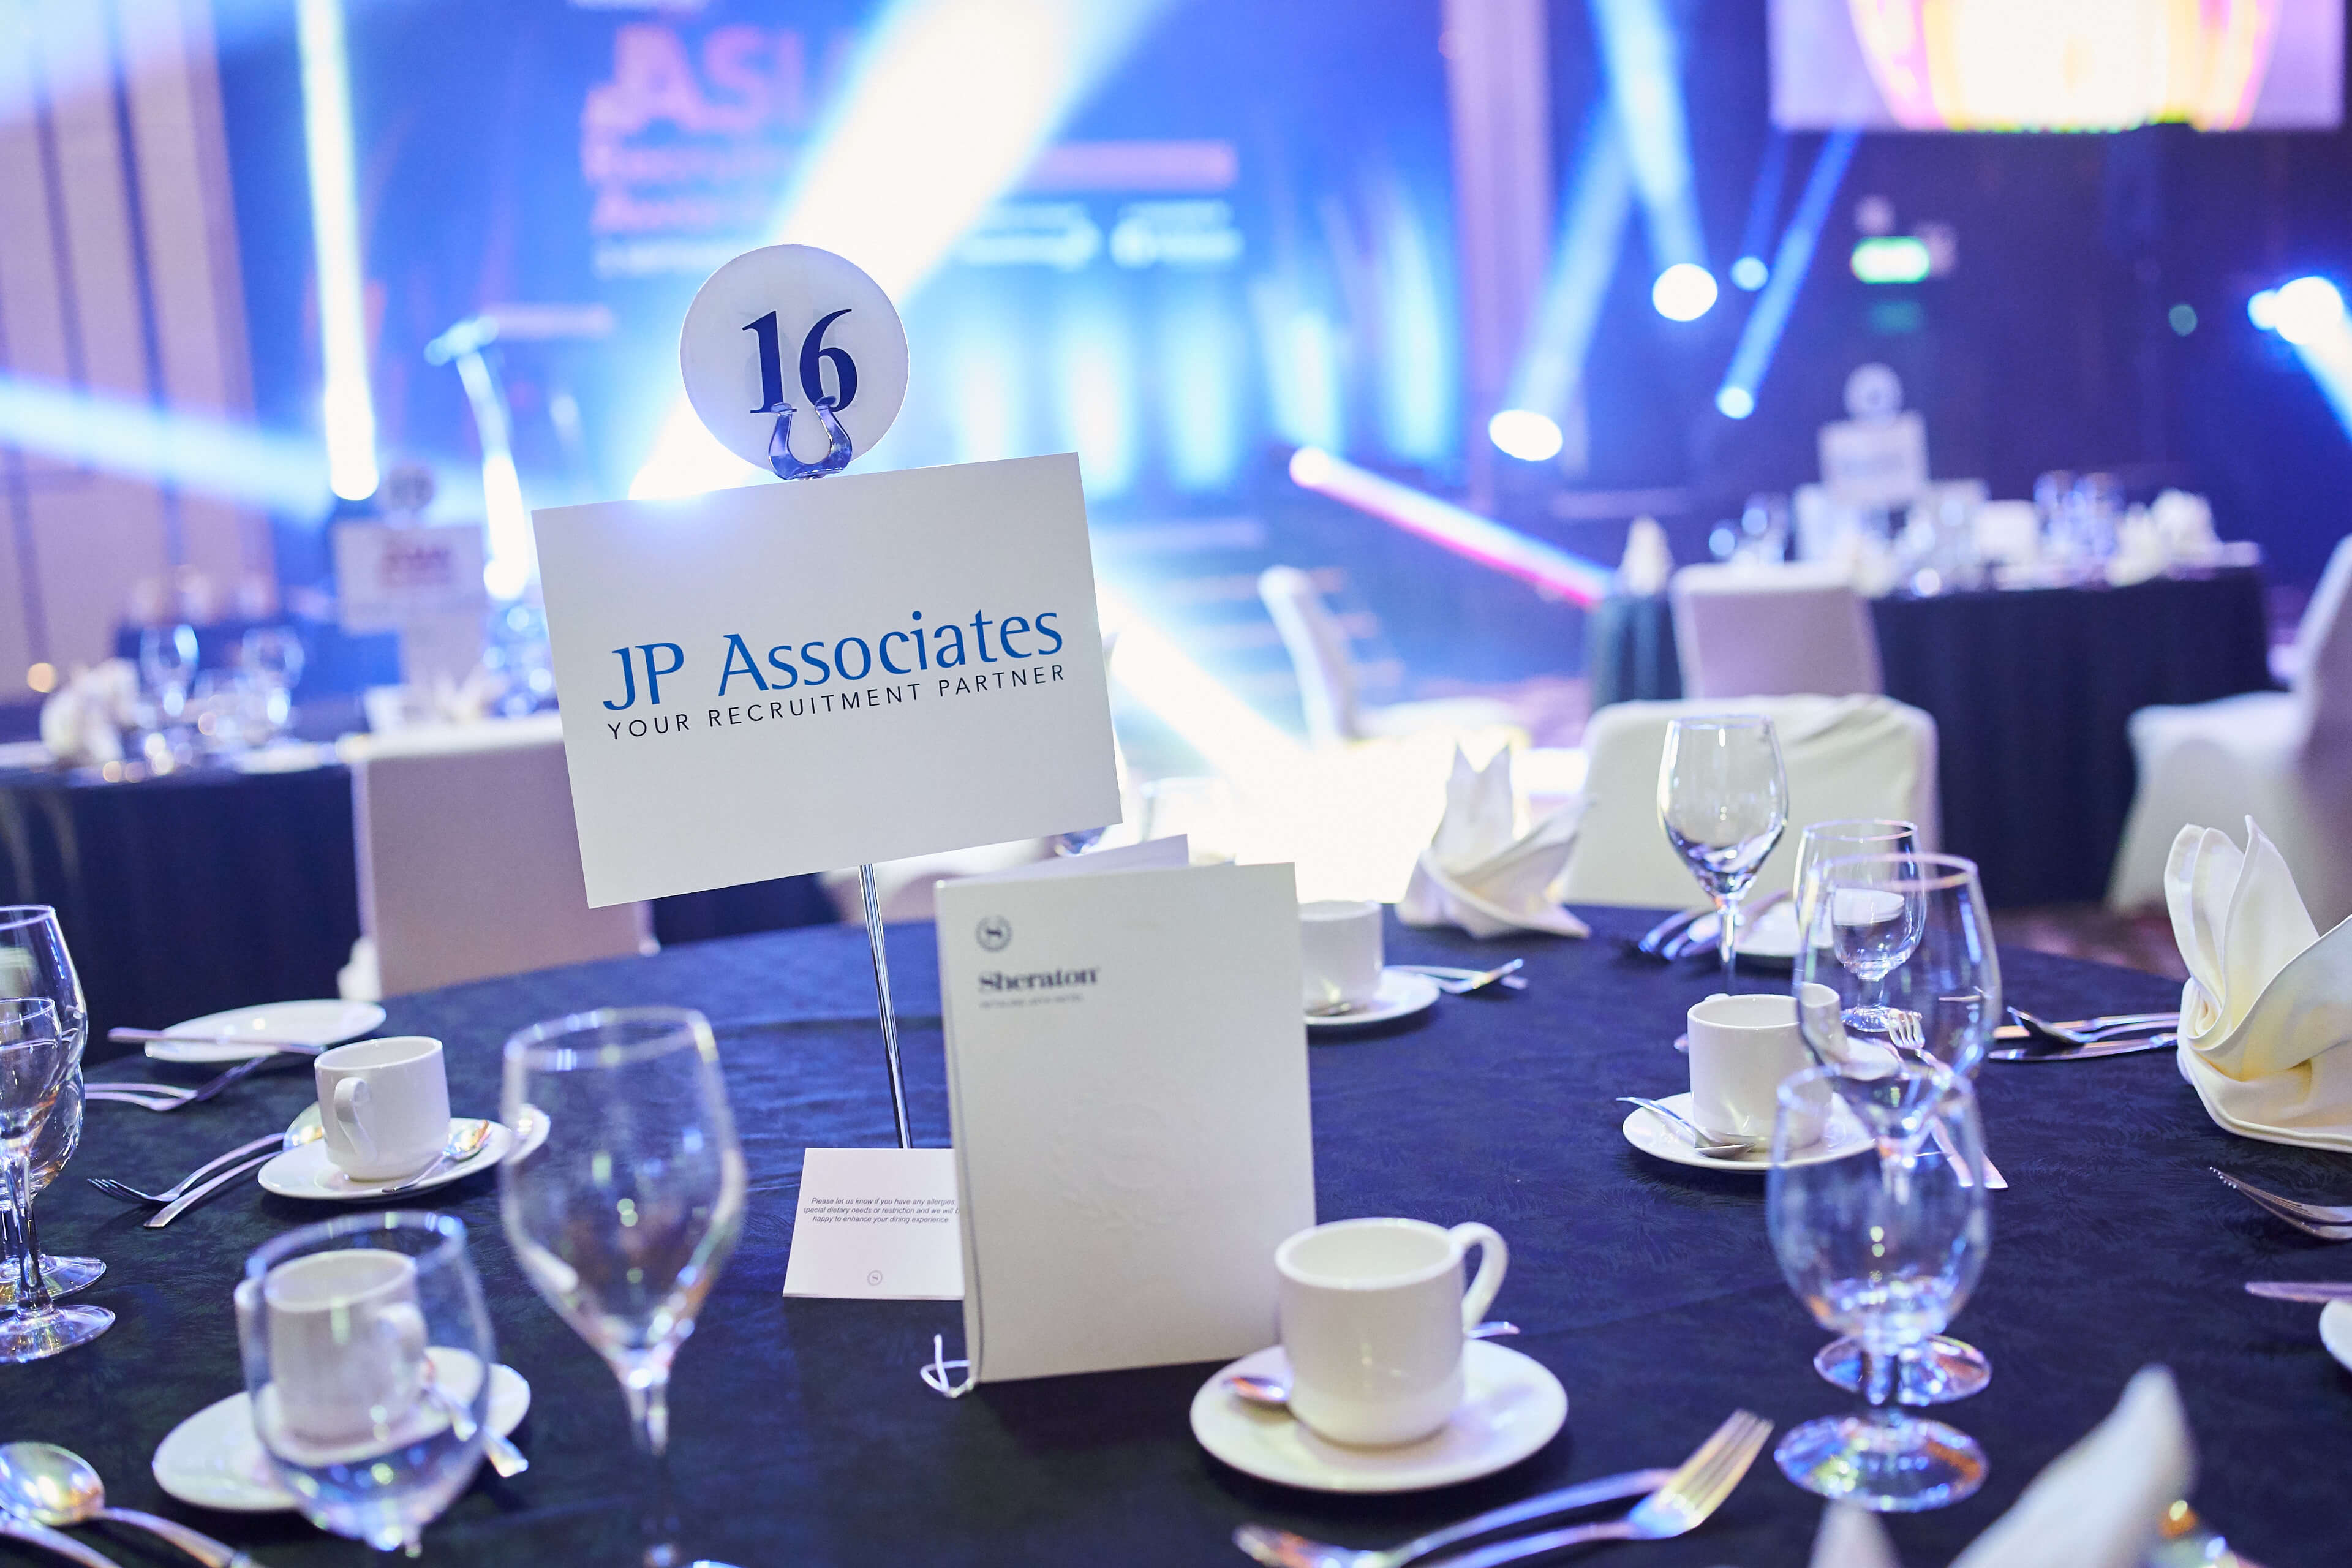 JP Associates IT Recruitment Firm Malaysia - JP Associates table at Asia Recruitment Awards 2020